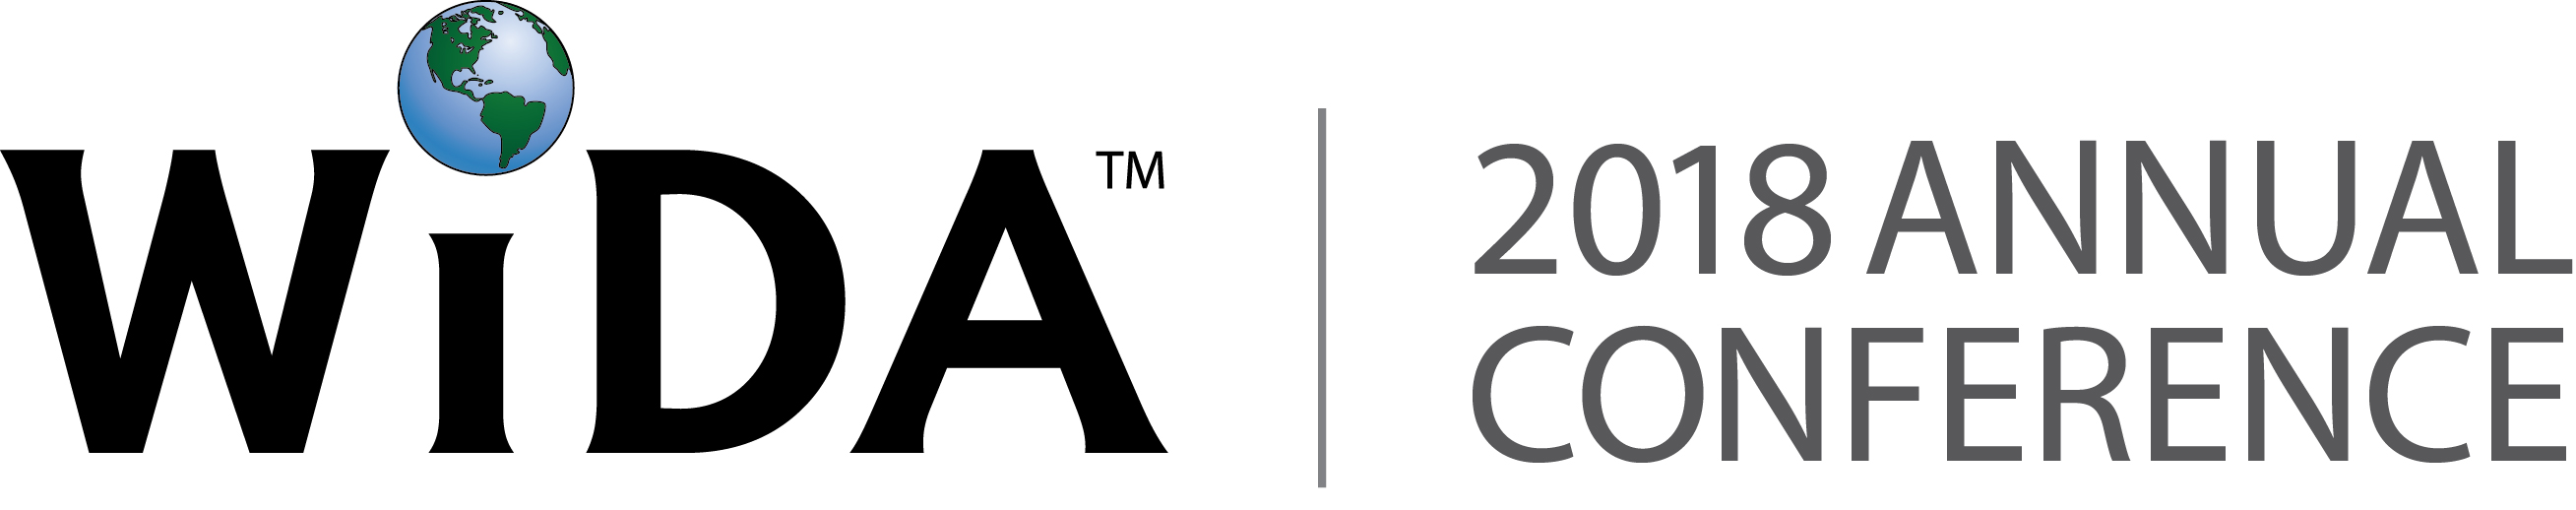 2017 WIDA Annual Conference